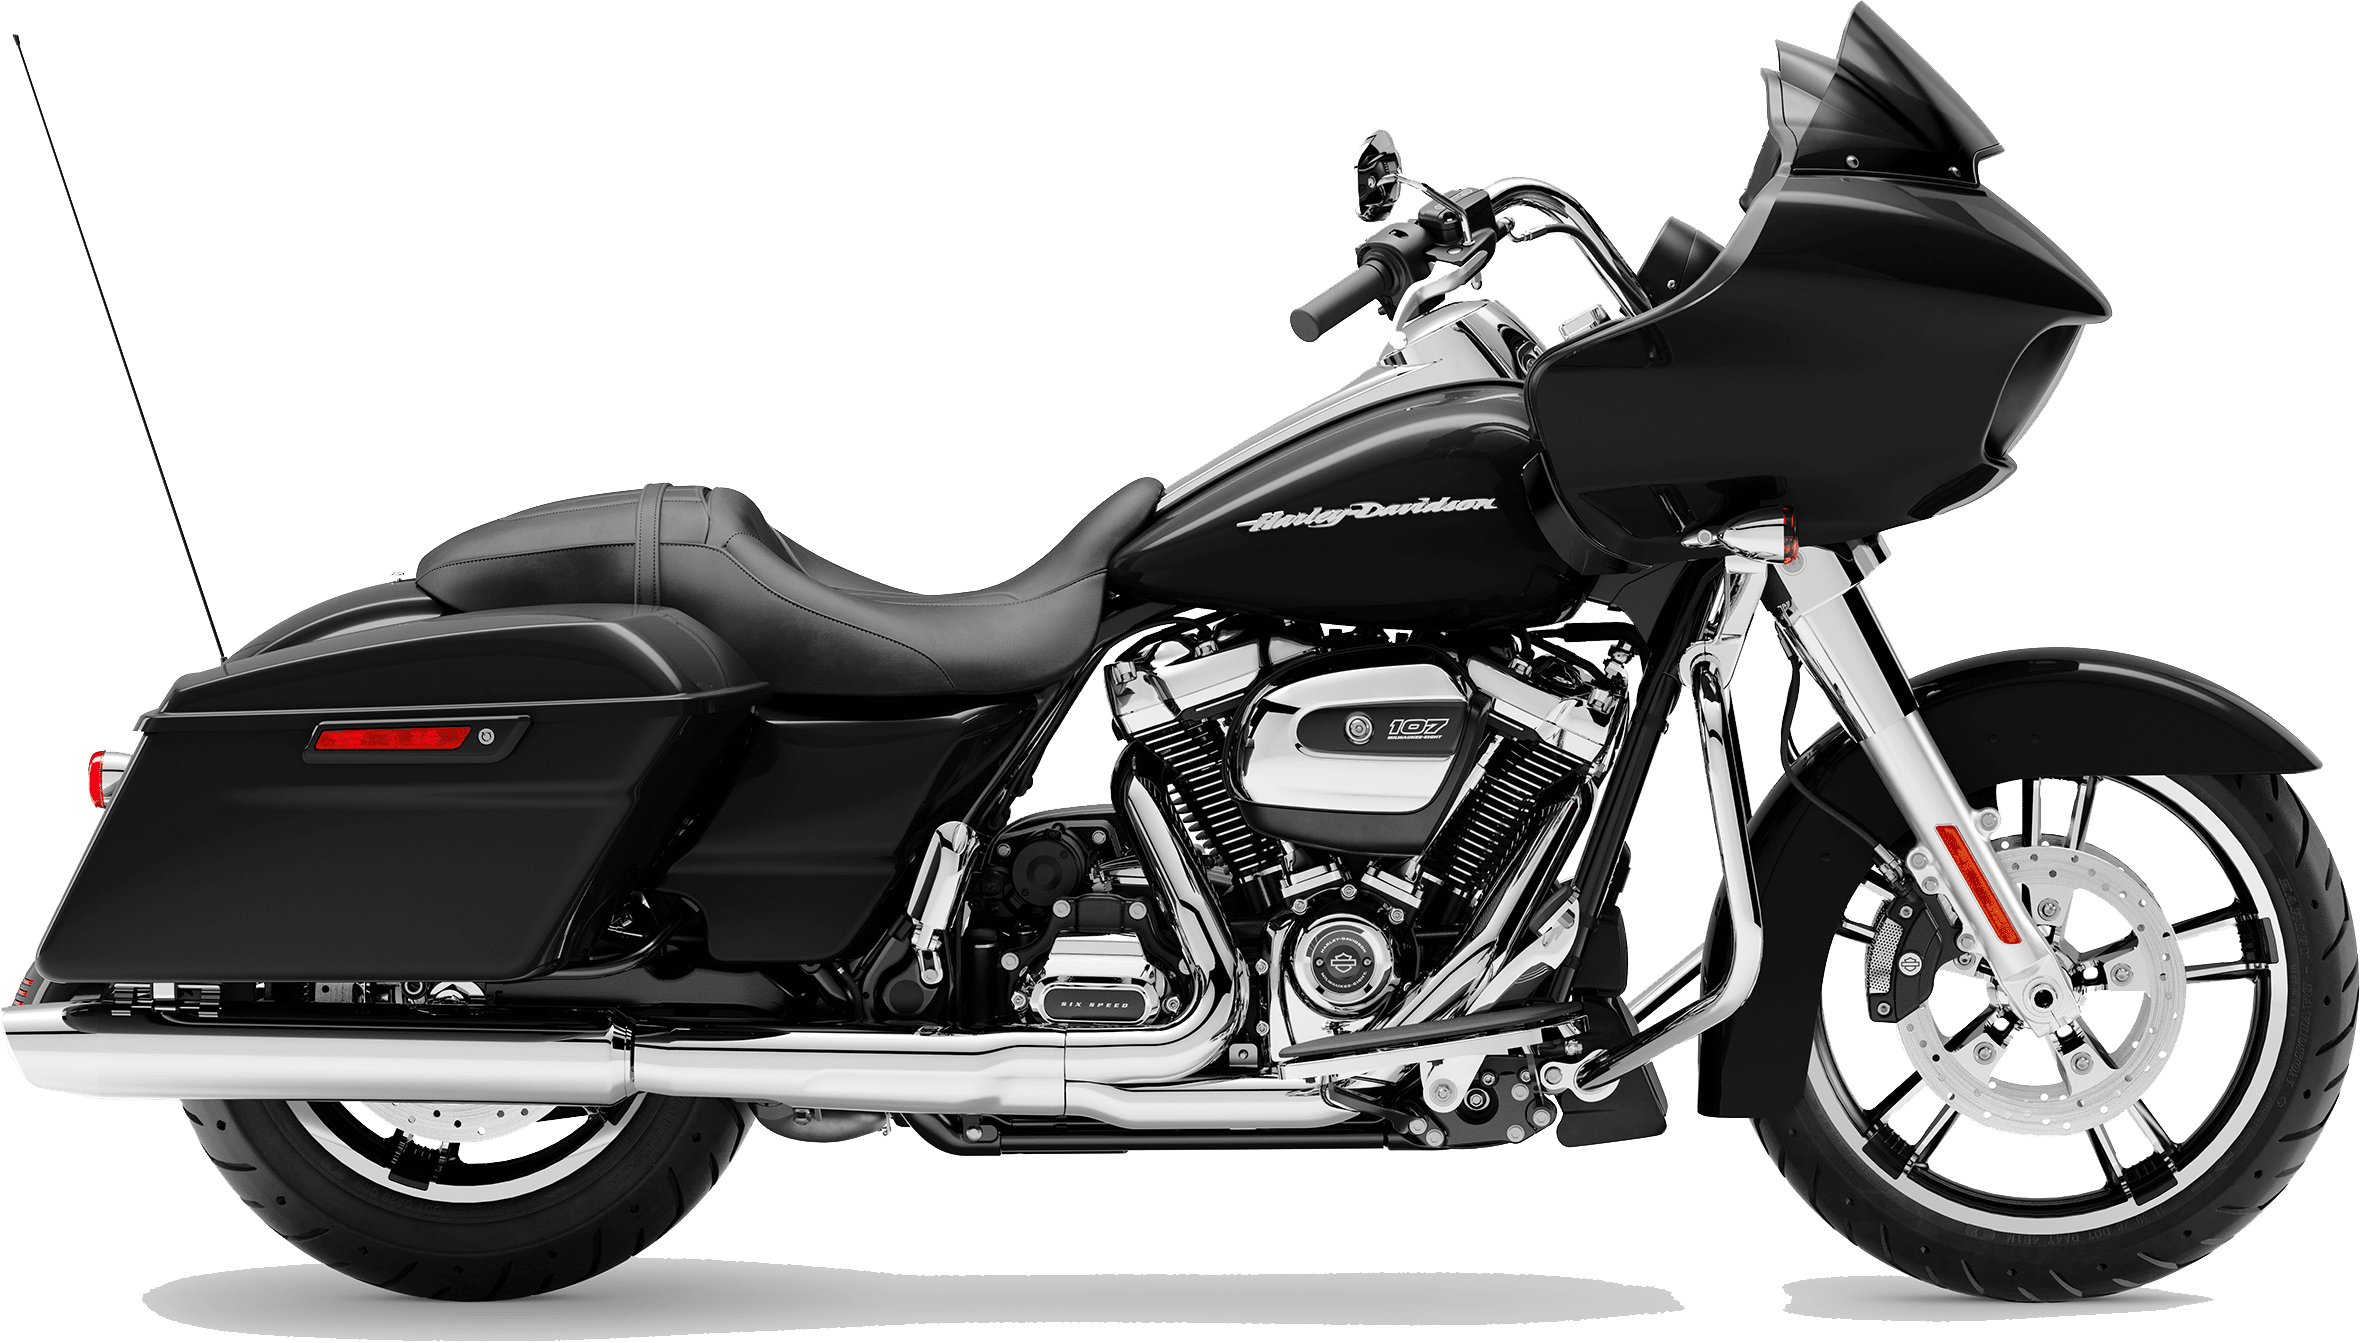 2019 Harley-Davidson H-D Touring Road Glide Vivid Black